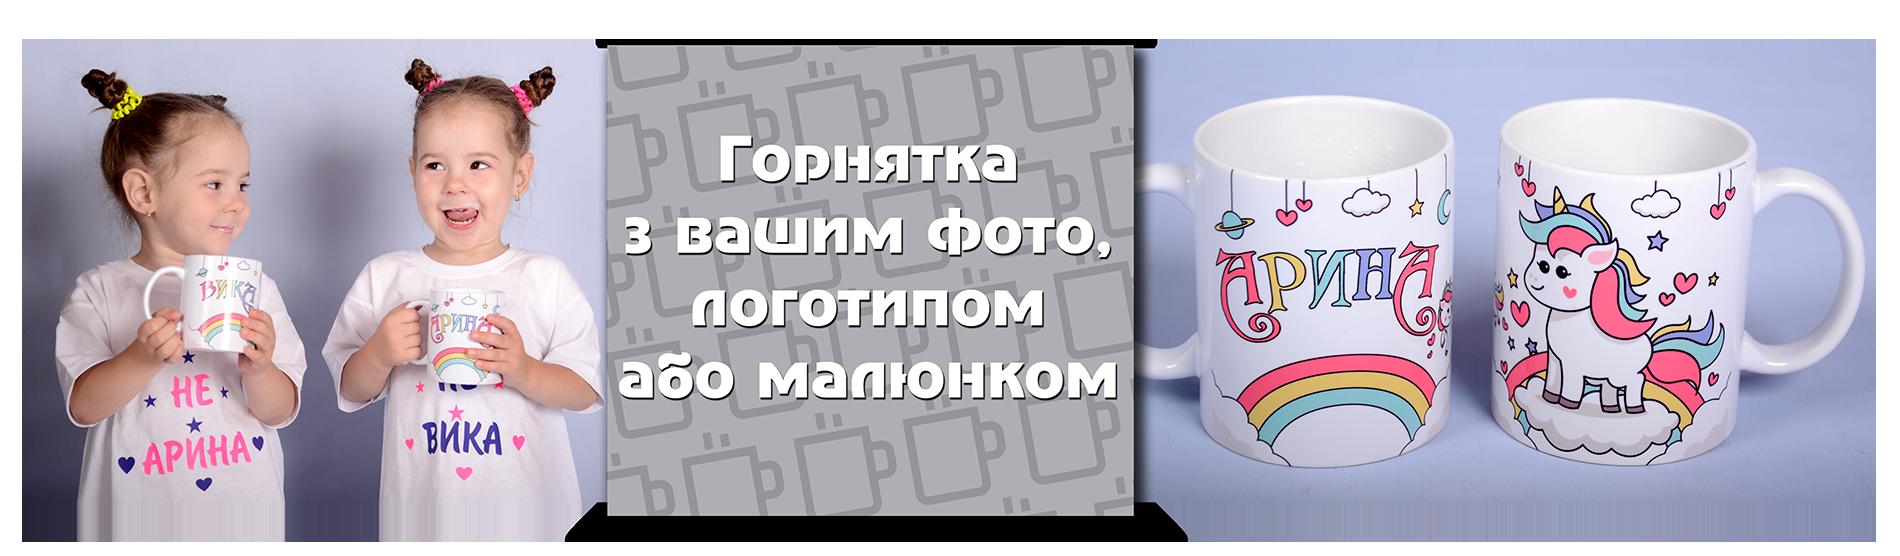 photovsesvit-karusel-zobraj-03